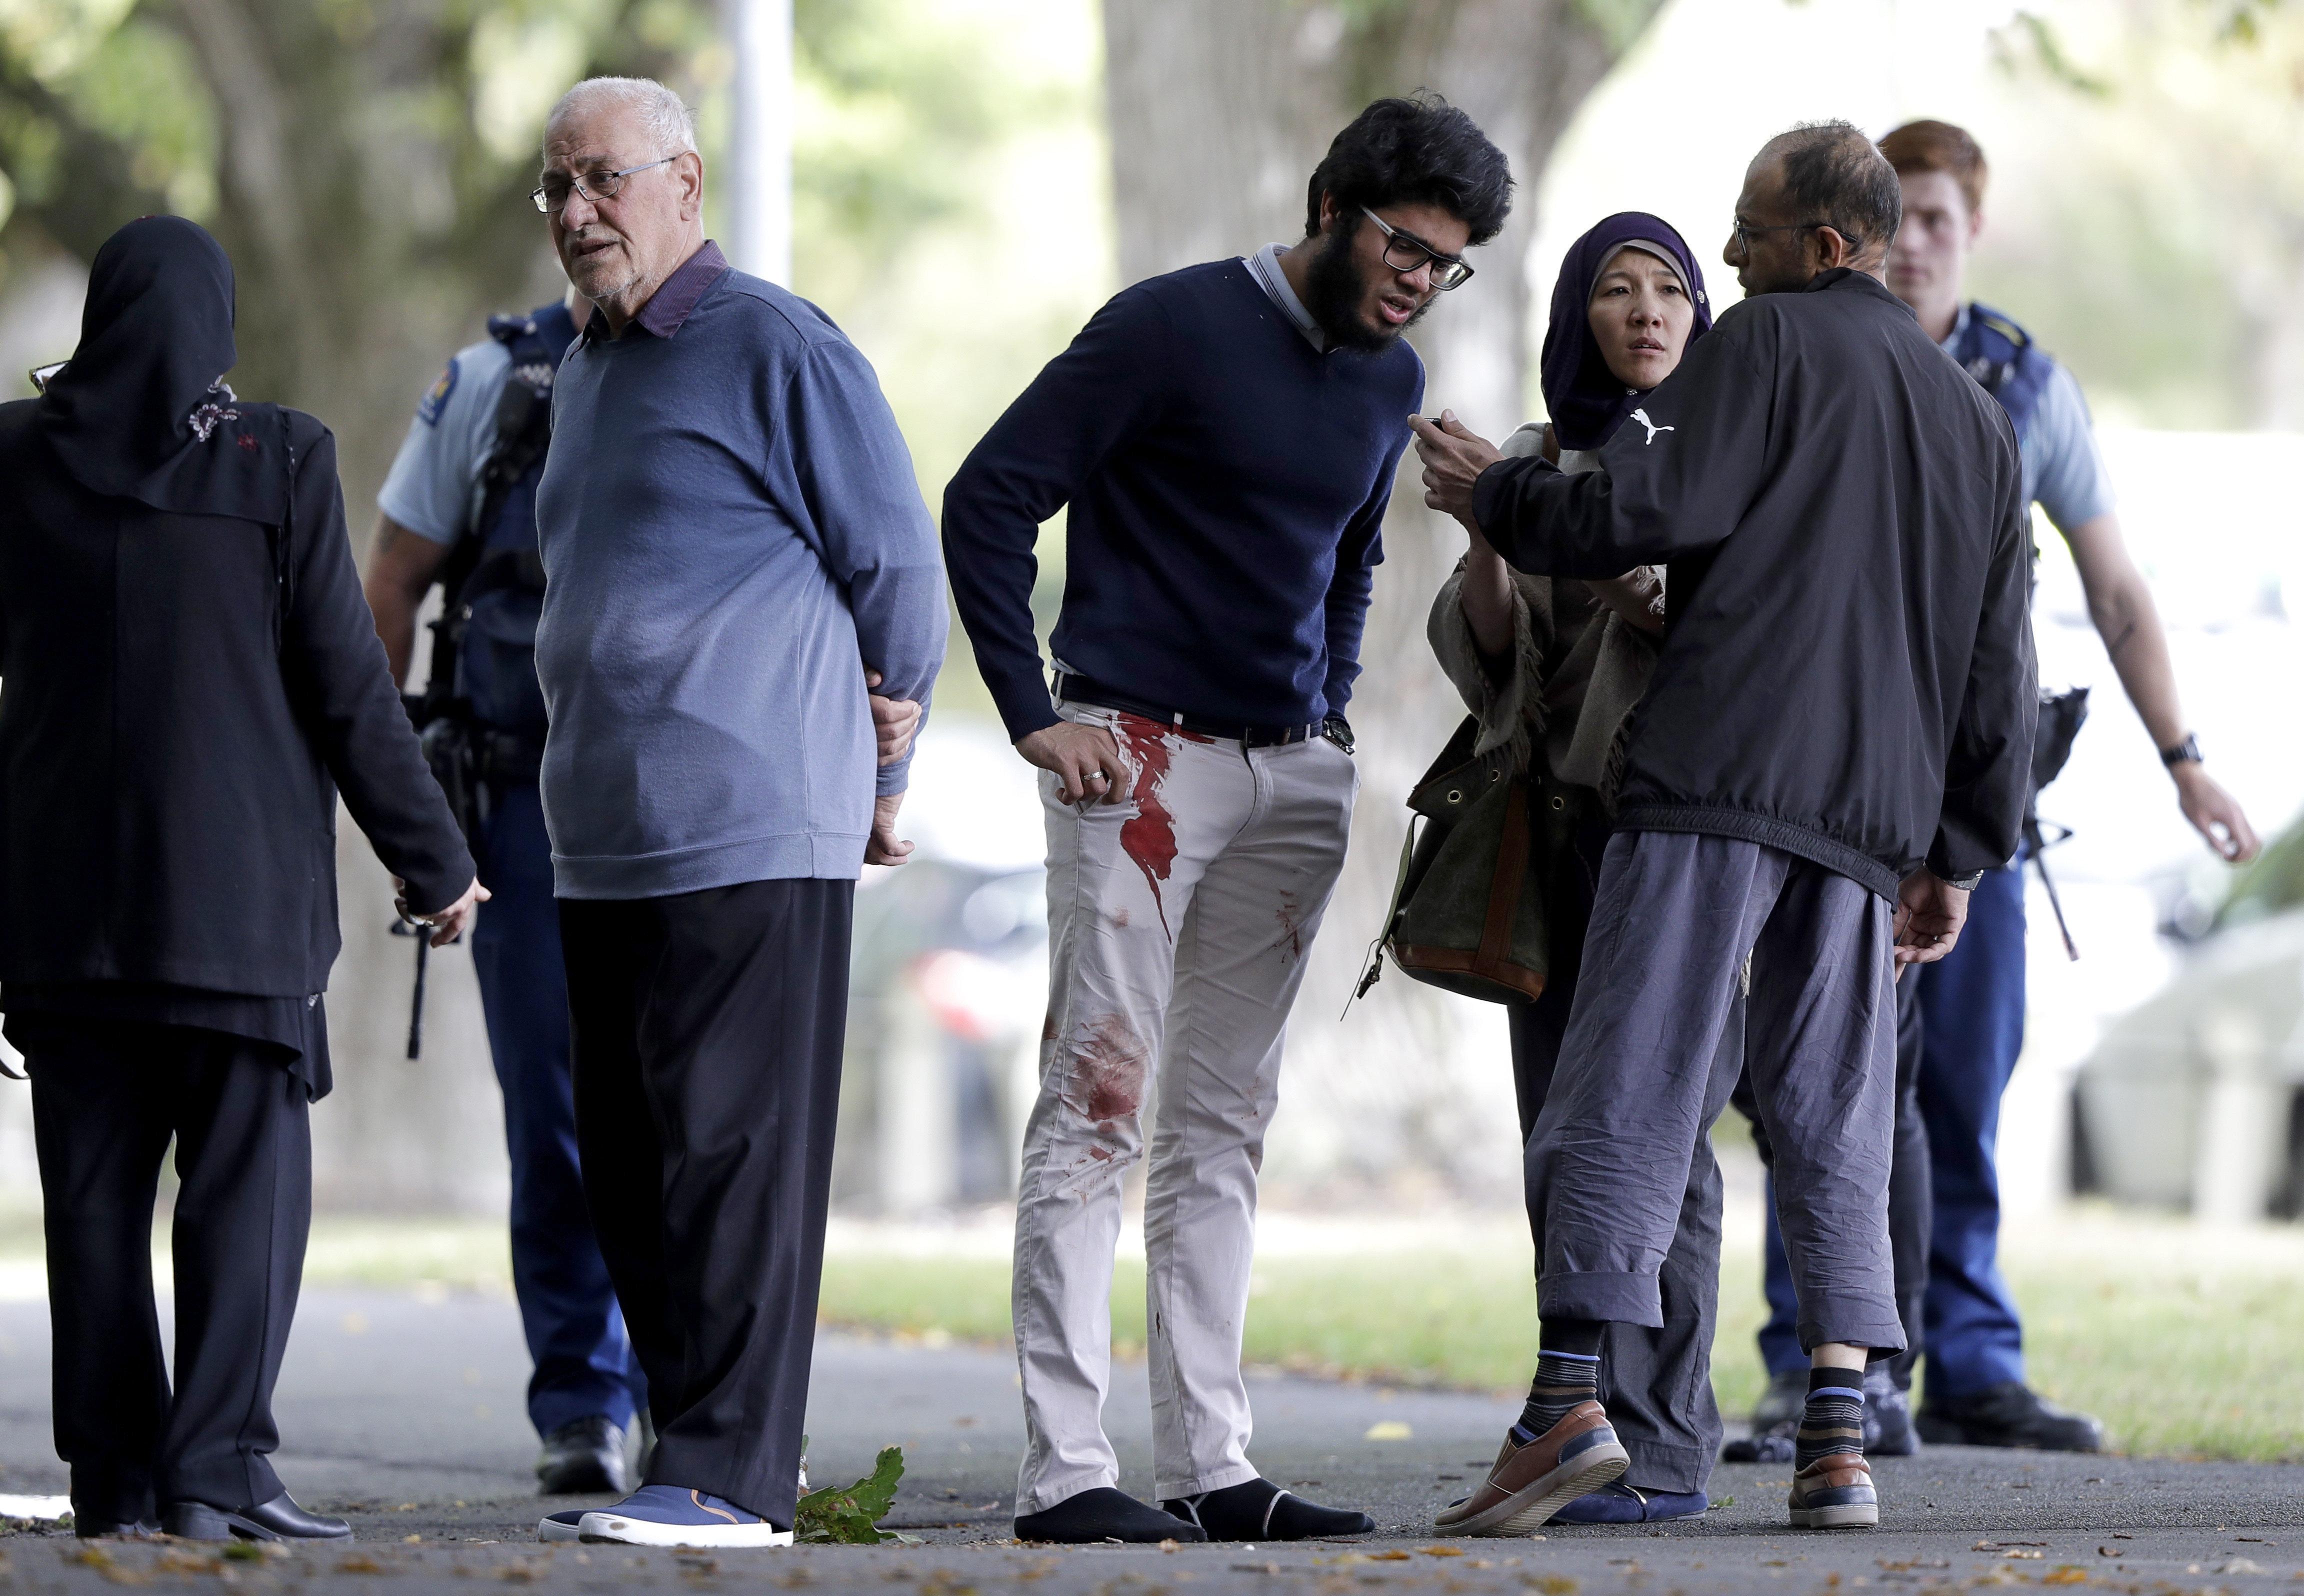 «Νομίζαμε πως ζούσαμε στην πιο ασφαλή χώρα του κόσμου» λένε οι μουσουλμάνοι στη Νέα